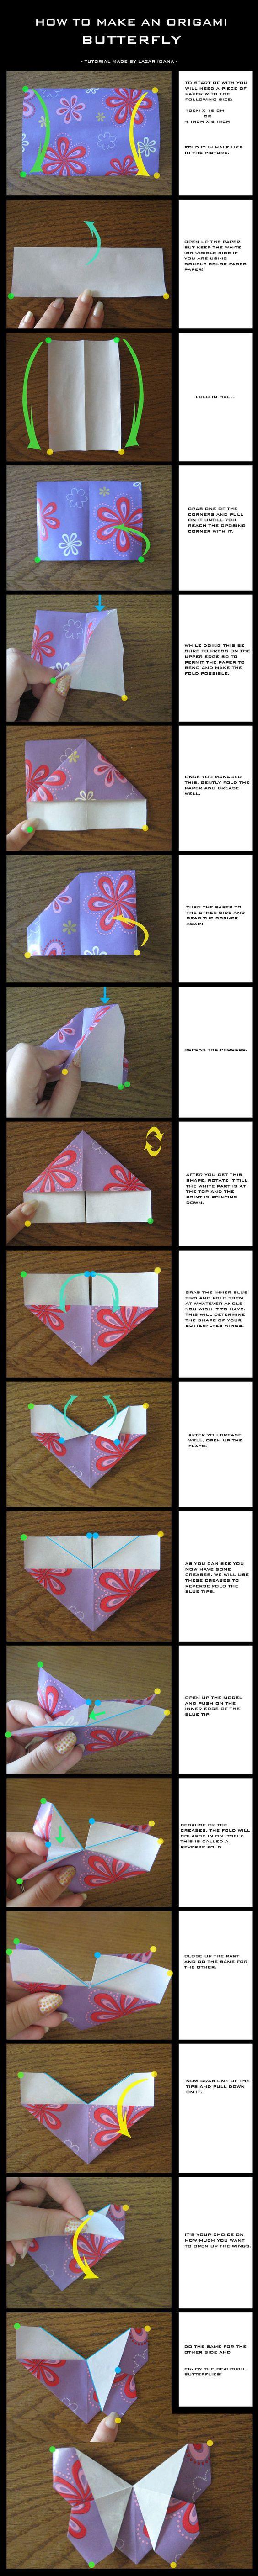 Tutorial: Origami Butterfly by DarkUmah.deviantart.com on @deviantART